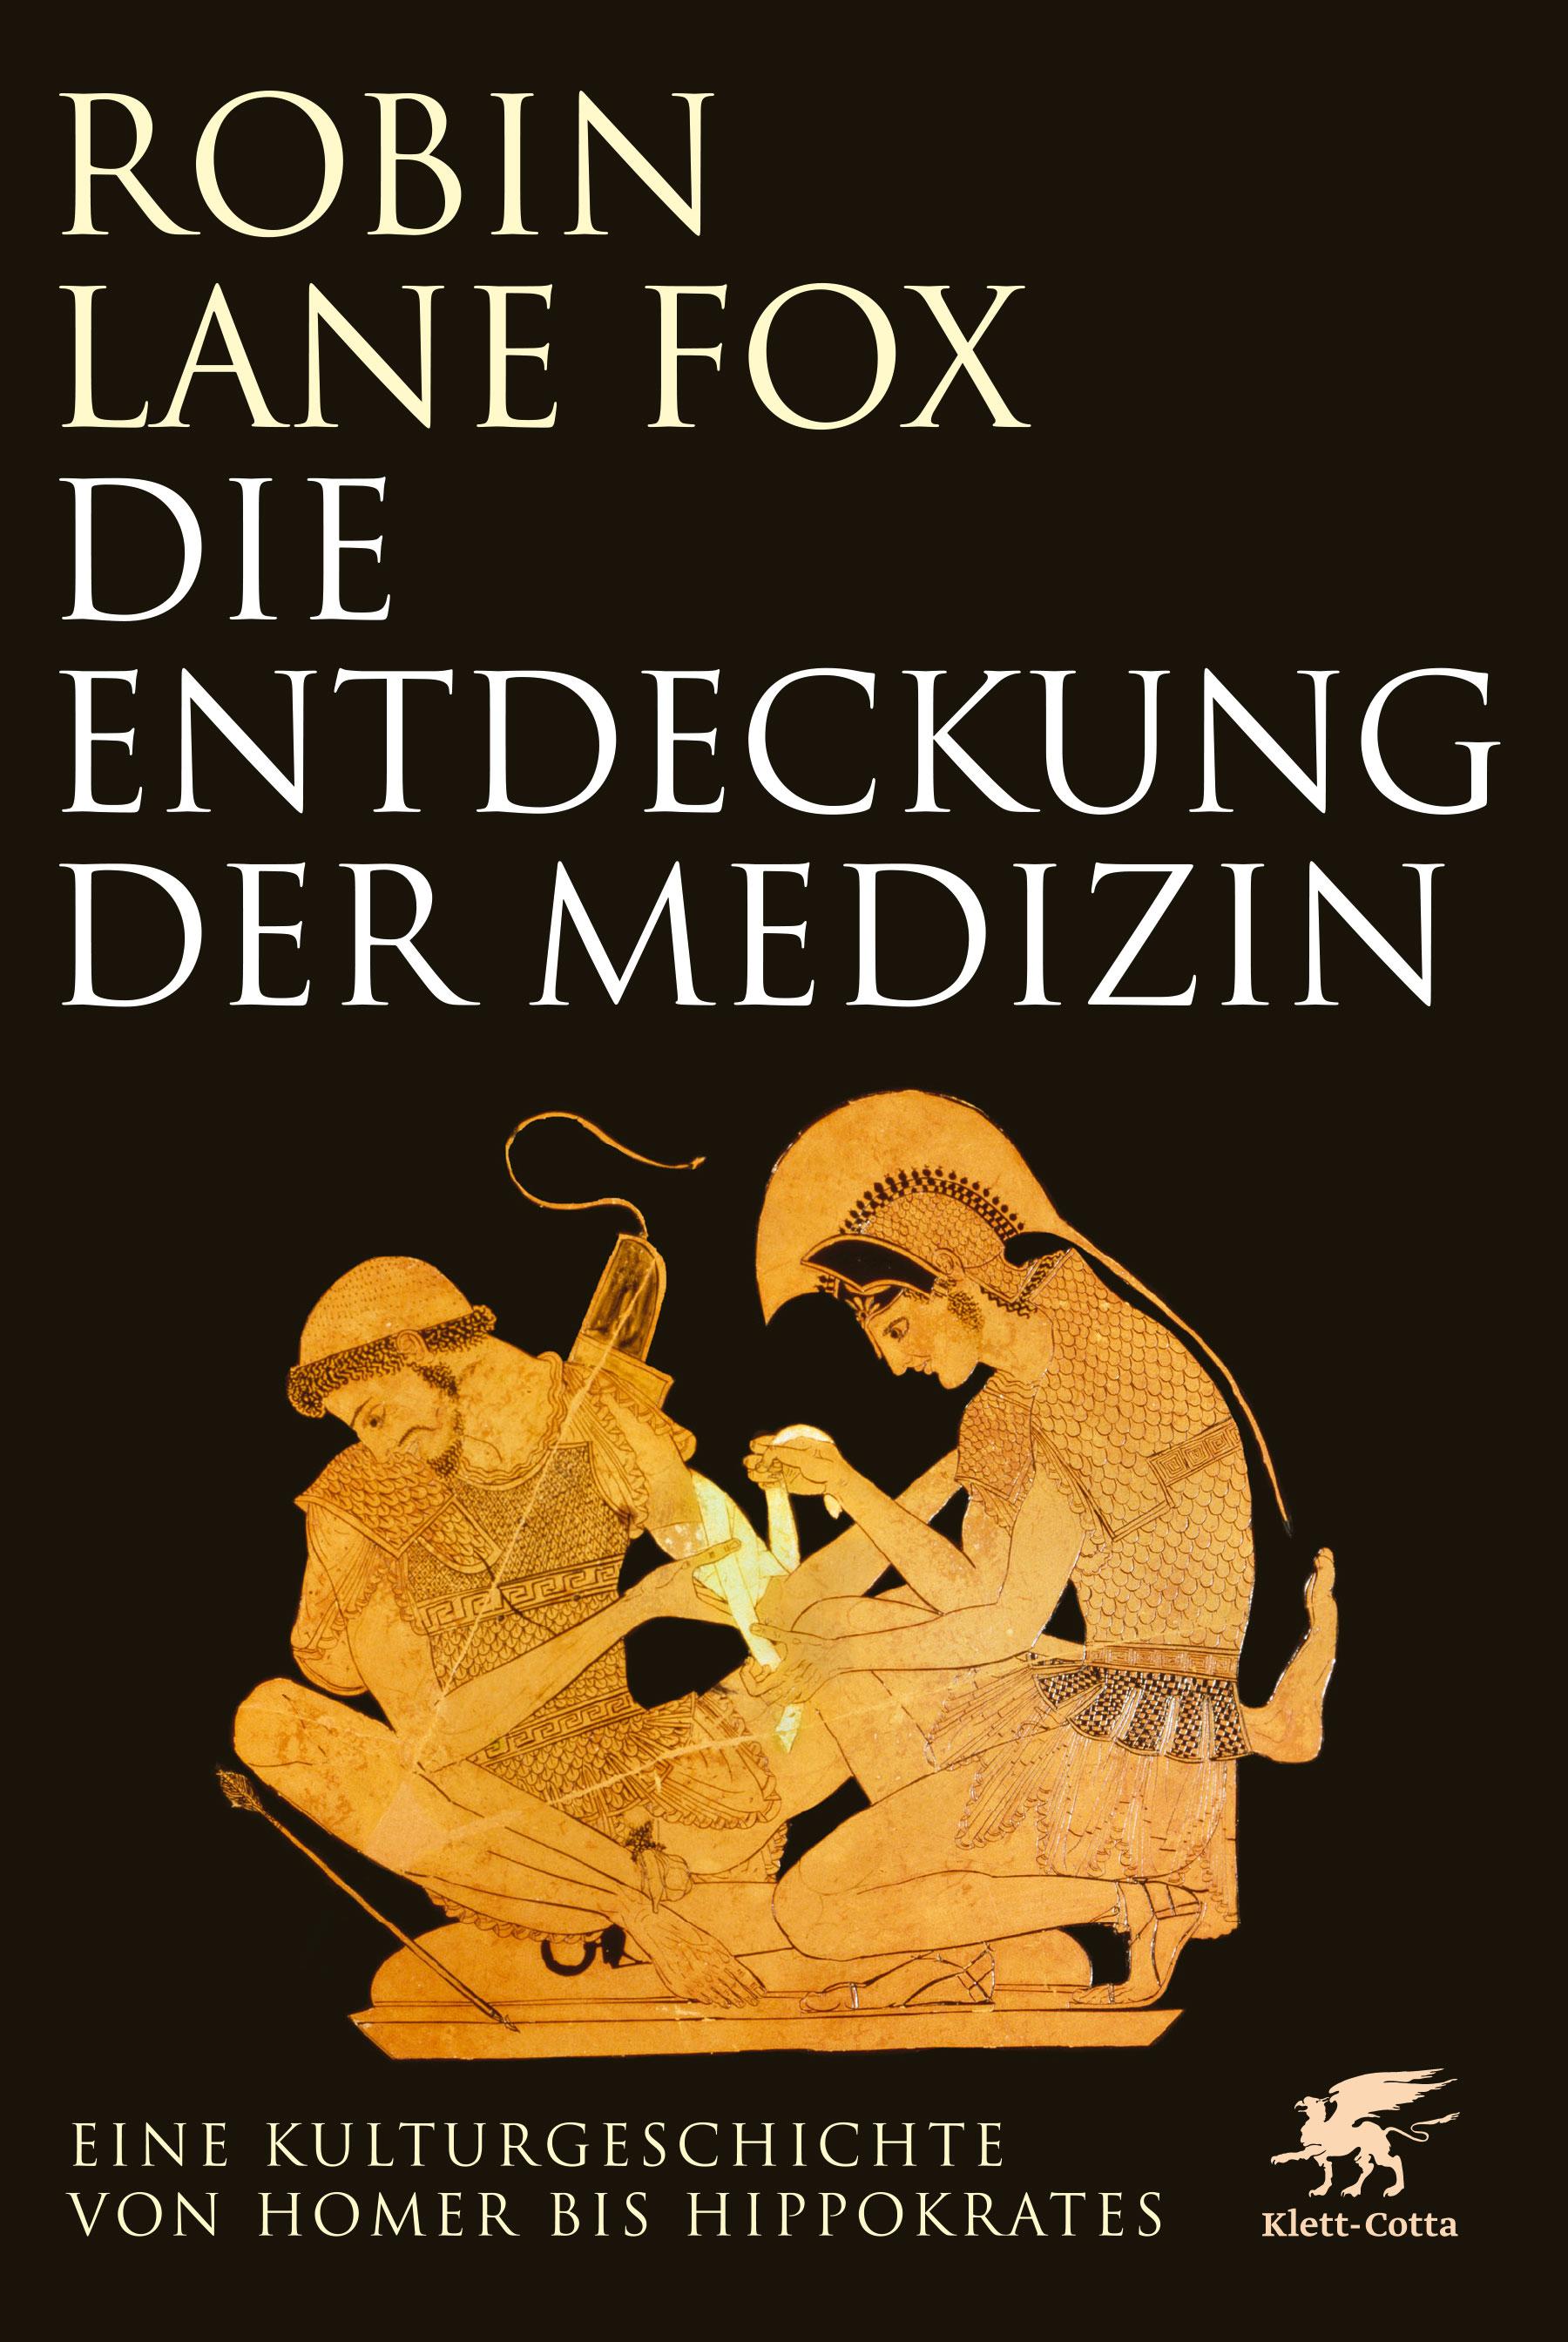 Die Entdeckung der Medizin - Eine Kulturgeschichte von Homer bis Hippokrates